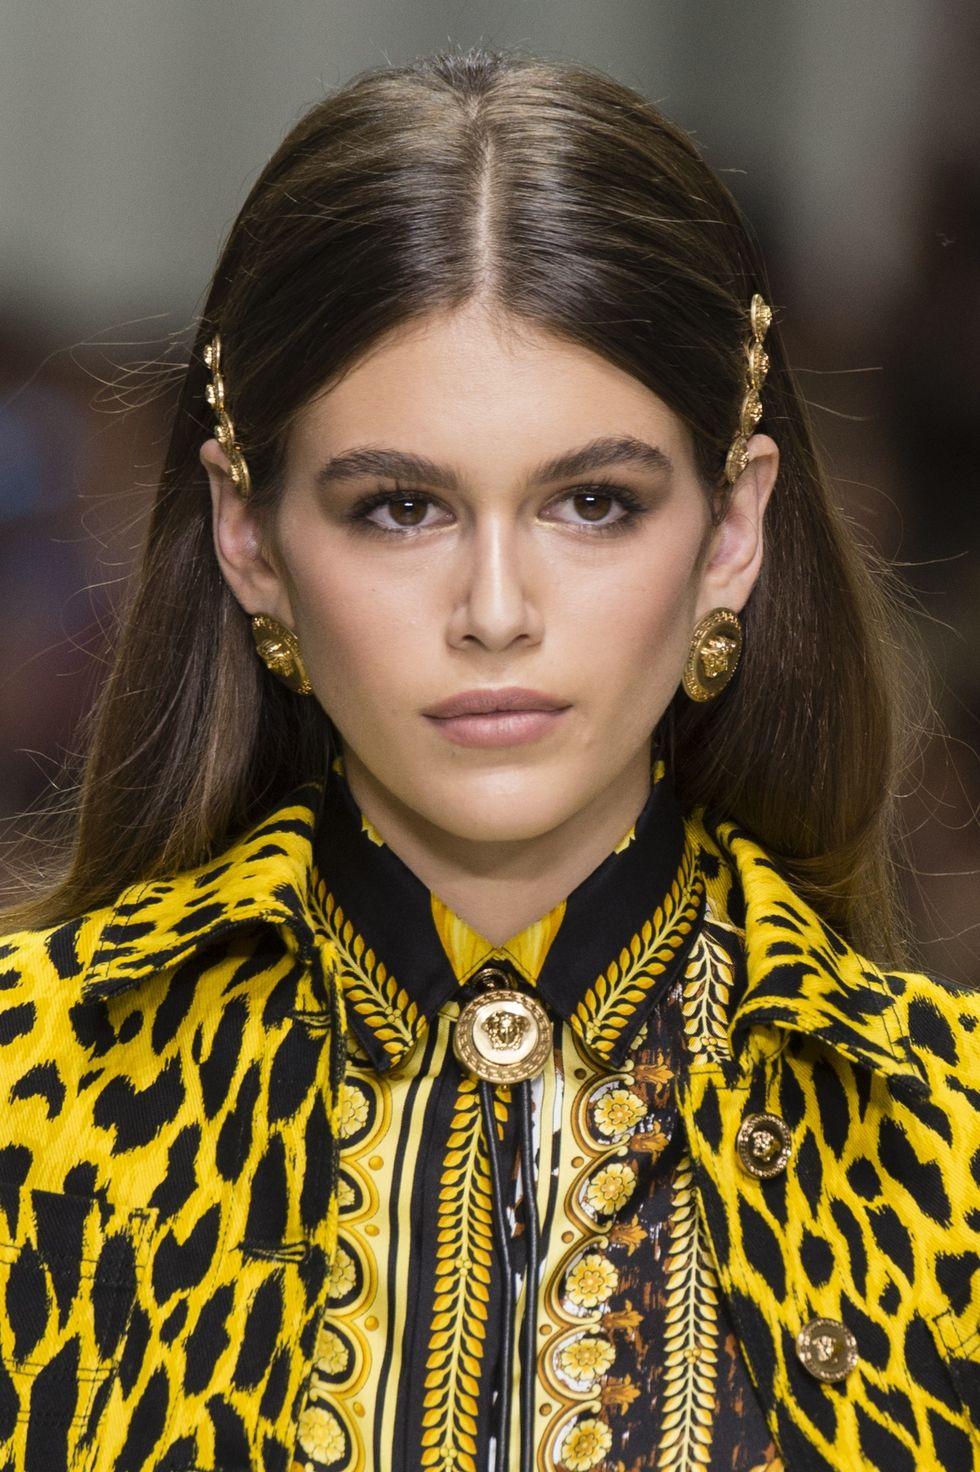 Peinados sencillos con accesorios tendencia 2018, pasadores